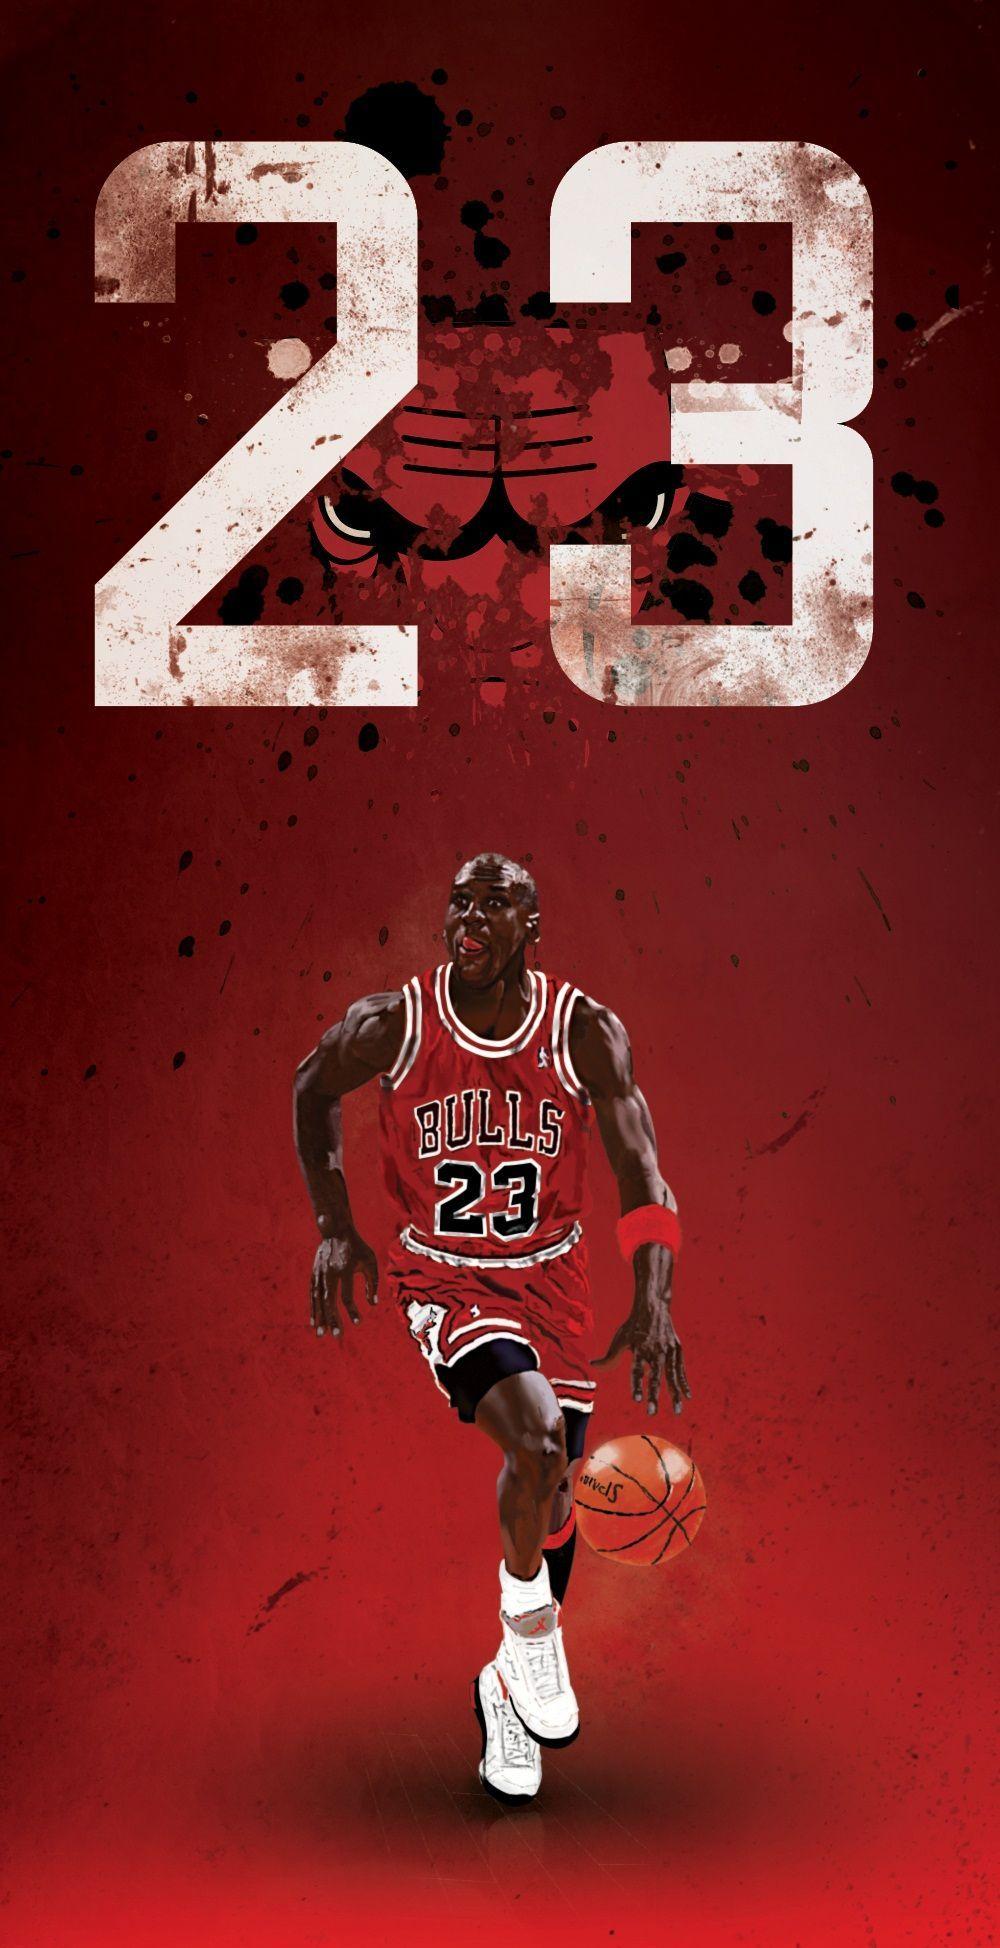 6f445b0d0c4c Michael Jordan. Michael Jordan Jordan 23